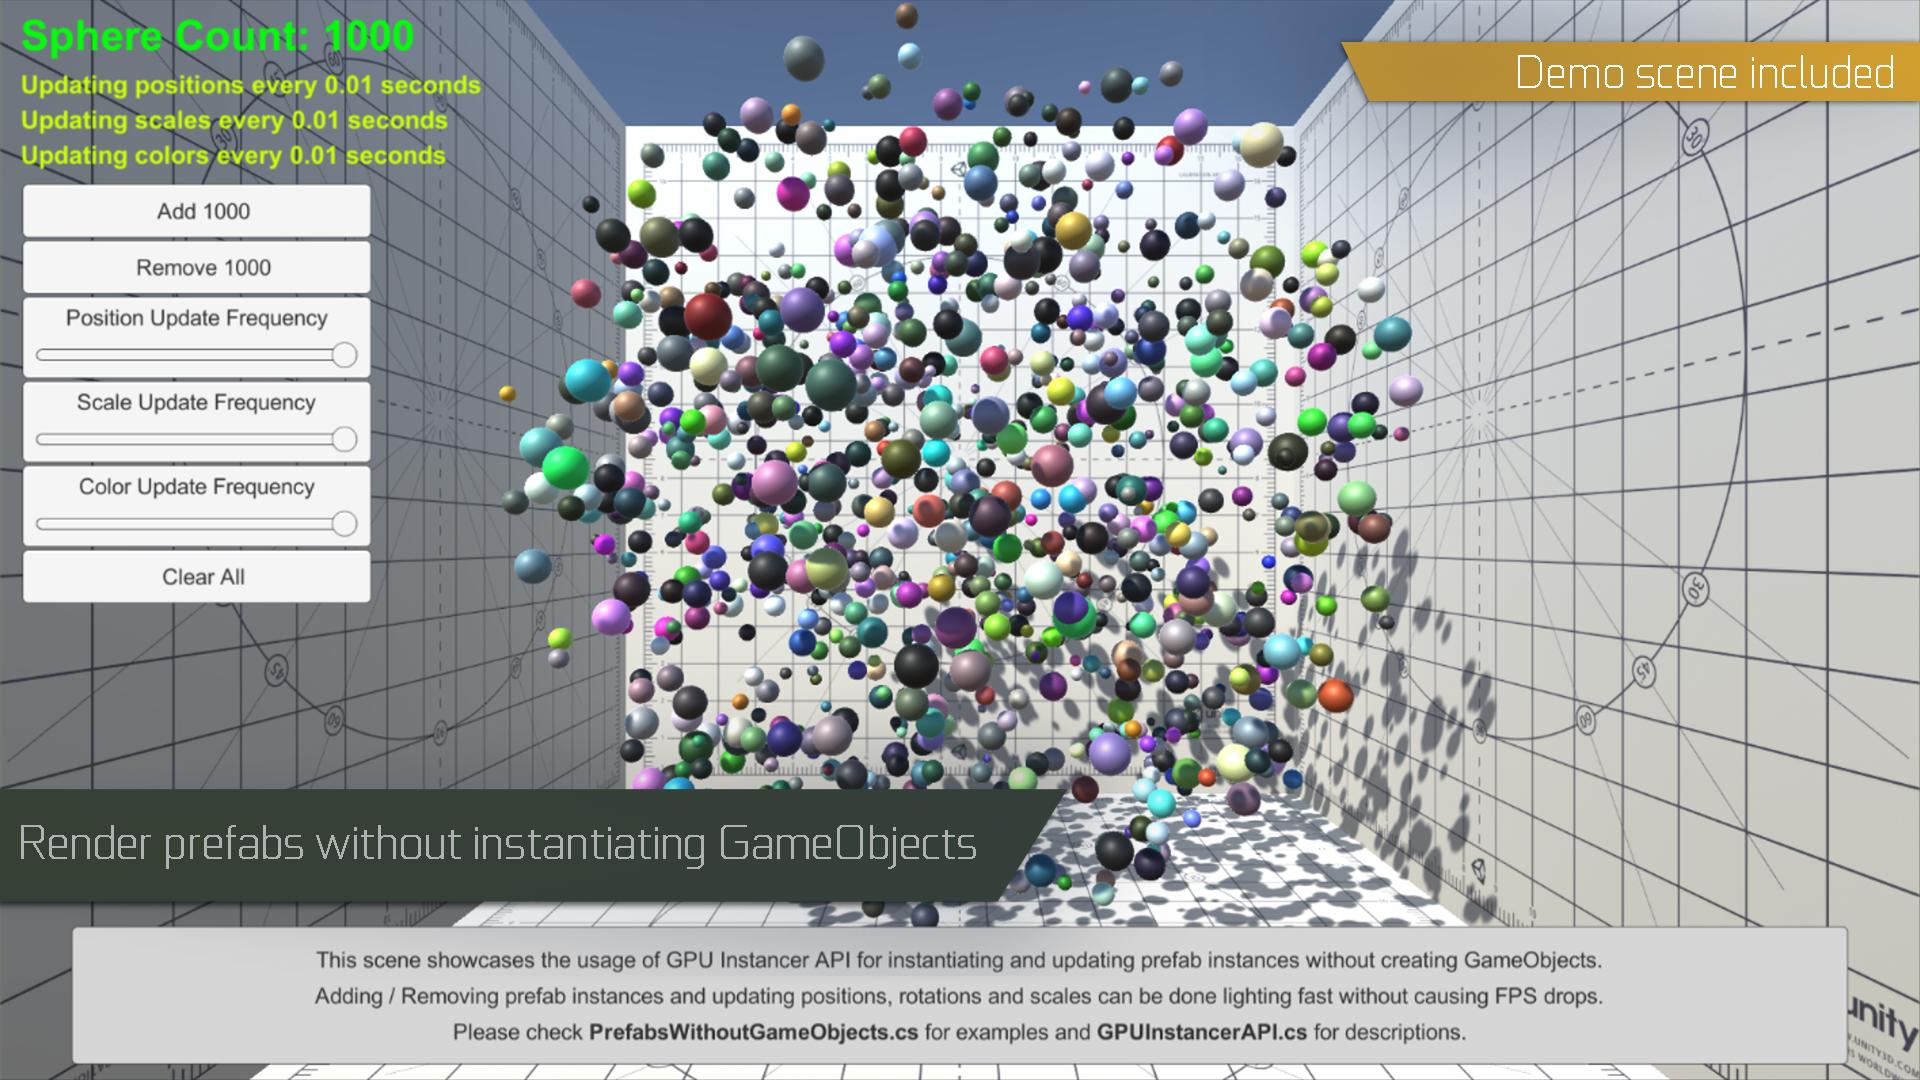 GPUInstancer-Scr-NoGameObjects.png